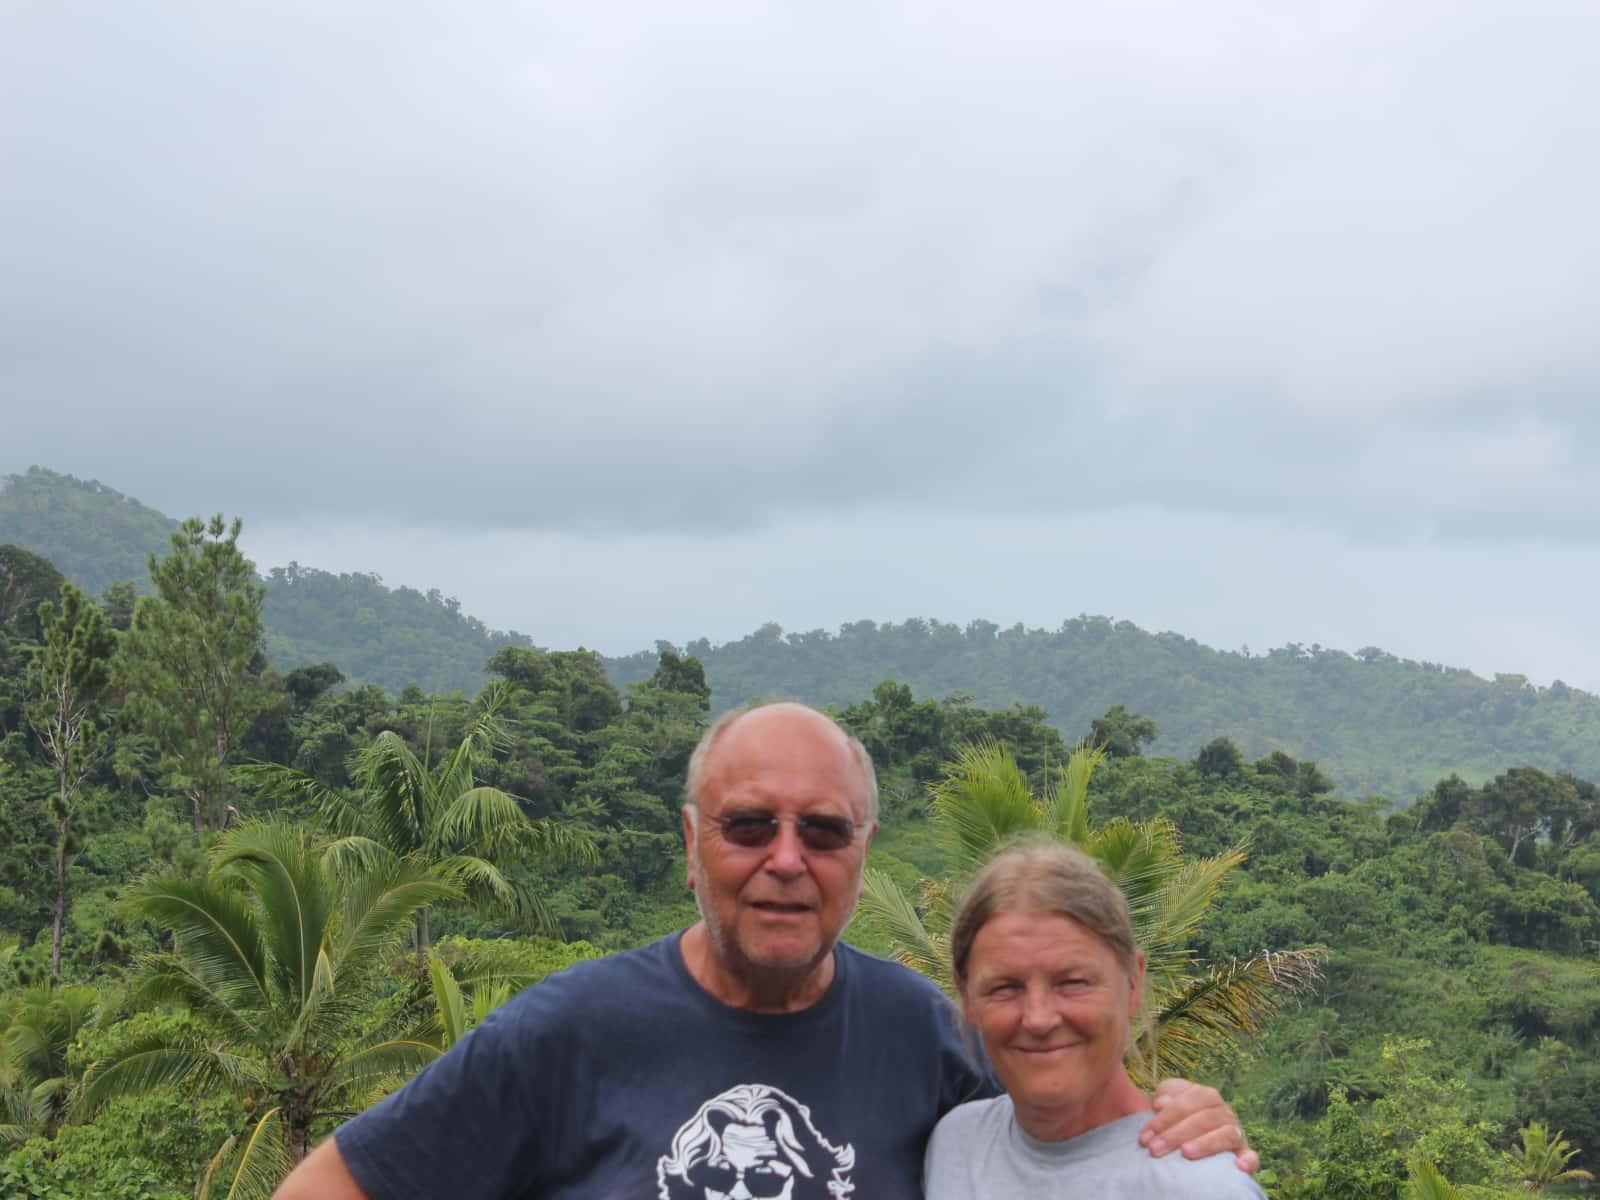 Anny & Peter from Copenhagen, Denmark